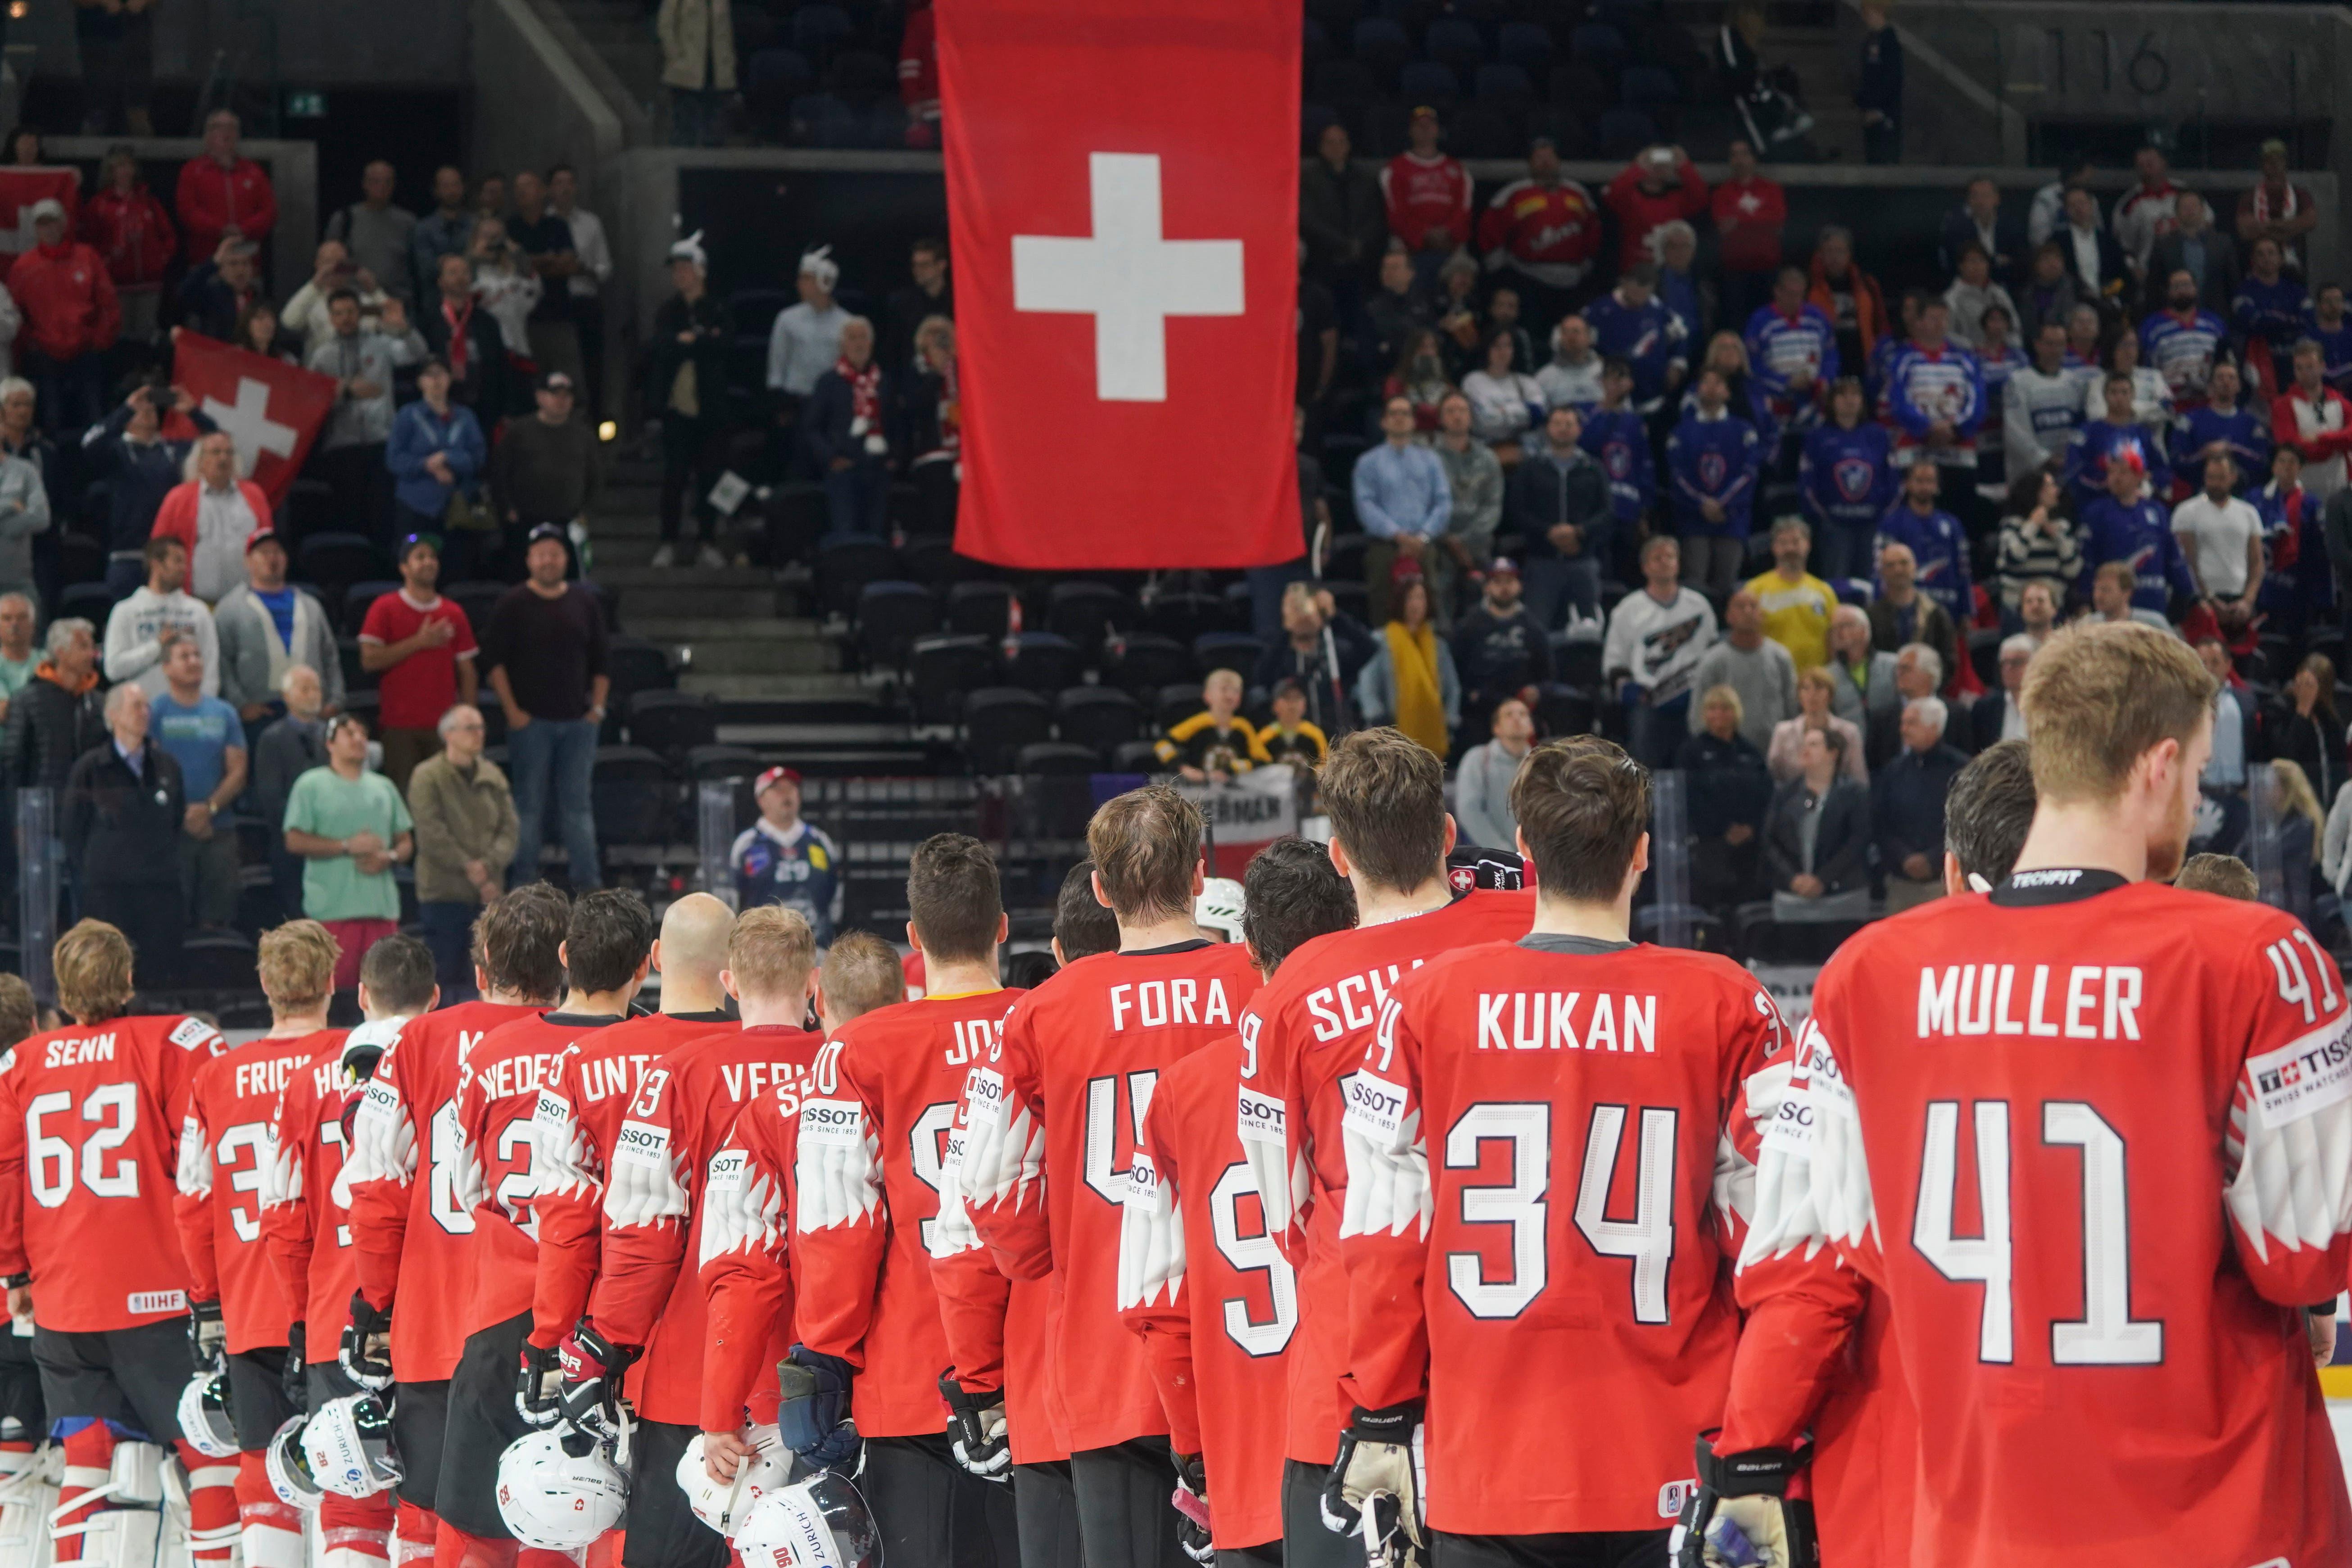 Die Nationalhymne ertönt nach dem Schlusspfiff. | Bild: Andy Müller / Freshfocus